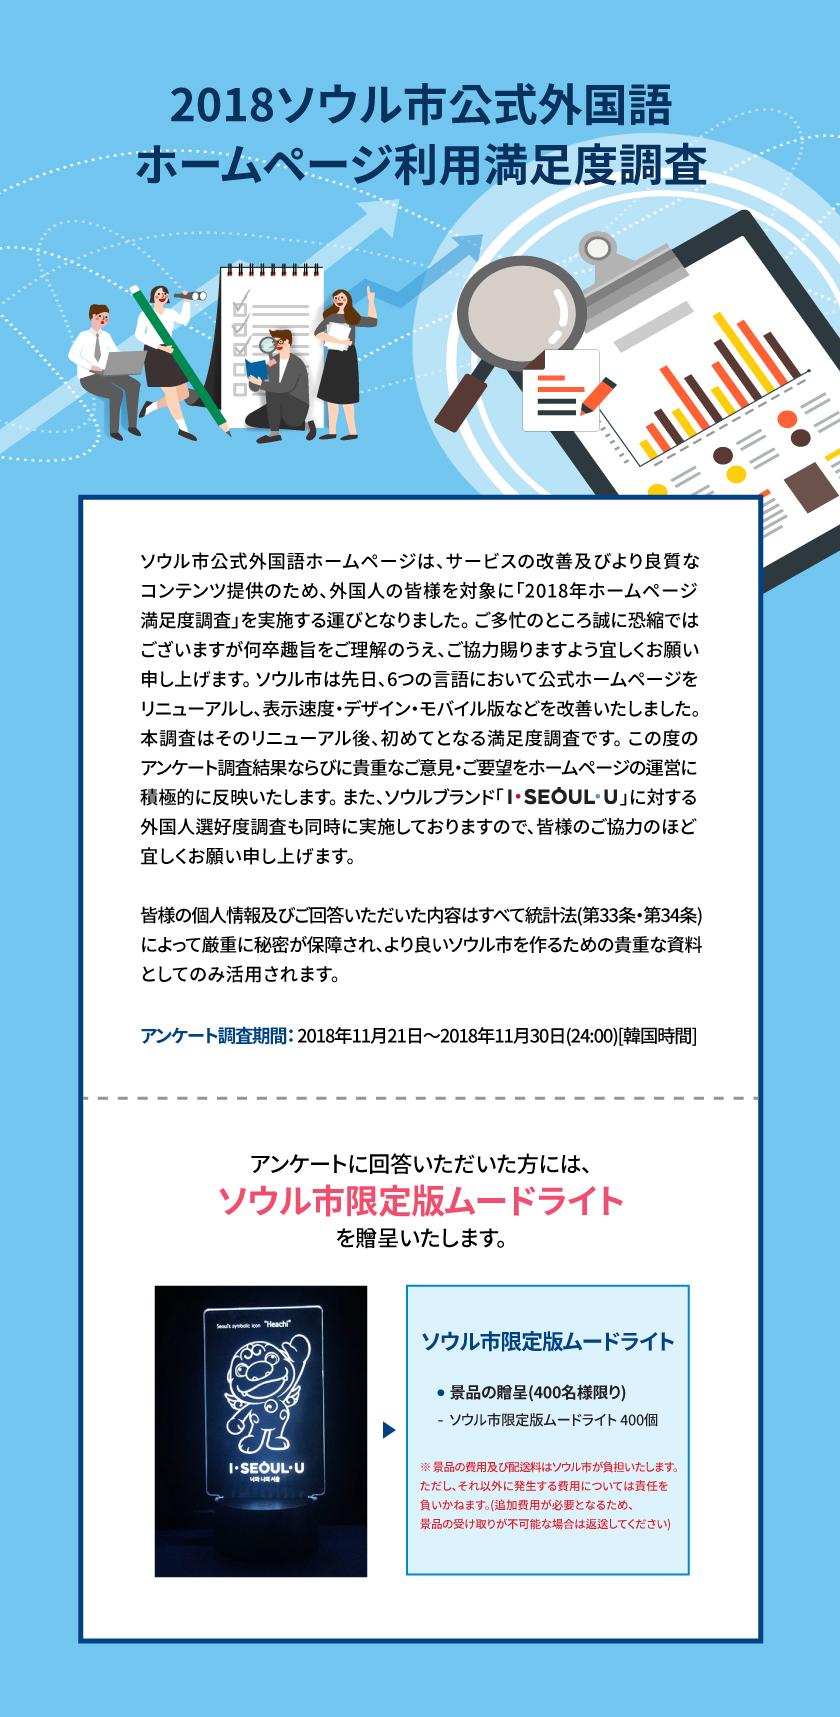 2018ソウル市公式外国語ホームページ利用満足度調査  ソウル市公式外国語ホームページは、サービスの改善及びより良質なコンテンツ提供のため、外国人の皆様を対象に「2018年ホームページ満足度調査」を実施する運びとなりました。つきましては、ご多忙のところ誠に恐縮ではございますが何卒趣旨をご理解のうえ、ご協力賜りますよう宜しくお願い申し上げます。 ソウル市は先日、6つの言語において公式ホームページをリニューアルし、表示速度・デザイン・モバイル版などを改善いたしました。本調査はそのリニューアル後、初めてとなる満足度調査です。この度のアンケート調査結果ならびに貴重なご意見・ご要望をホームページの運営に積極的に反映いたします。また、ソウルブランド「I・SEOUL・U」に対する外国人選好度調査も同時に実施しておりますので、皆様のご協力のほど宜しくお願い申し上げます。  皆様の個人情報及びご回答いただいた内容はすべて統計法(第33条・第34条)によって厳重に秘密が保障され、より良いソウル市を作るための貴重な資料としてのみ活用されます。  アンケート調査期間:2018年11月21日~2018年11月30日(24:00)[韓国時間]  アンケートに回答いただいた方には、ソウル市限定版ムードライトを贈呈いたします。 ソウル市限定版ムードライト   ◎ 景品の贈呈(400名様限り)    - ソウル市限定版ムードライト 400個     - 景品の費用及び配送料はソウル市が負担いたします。ただし、それ以外に発生する費用については責任を負いかねます。(追加費用が必要となるため、景品の受け取りが不可能な場合は返送してください)